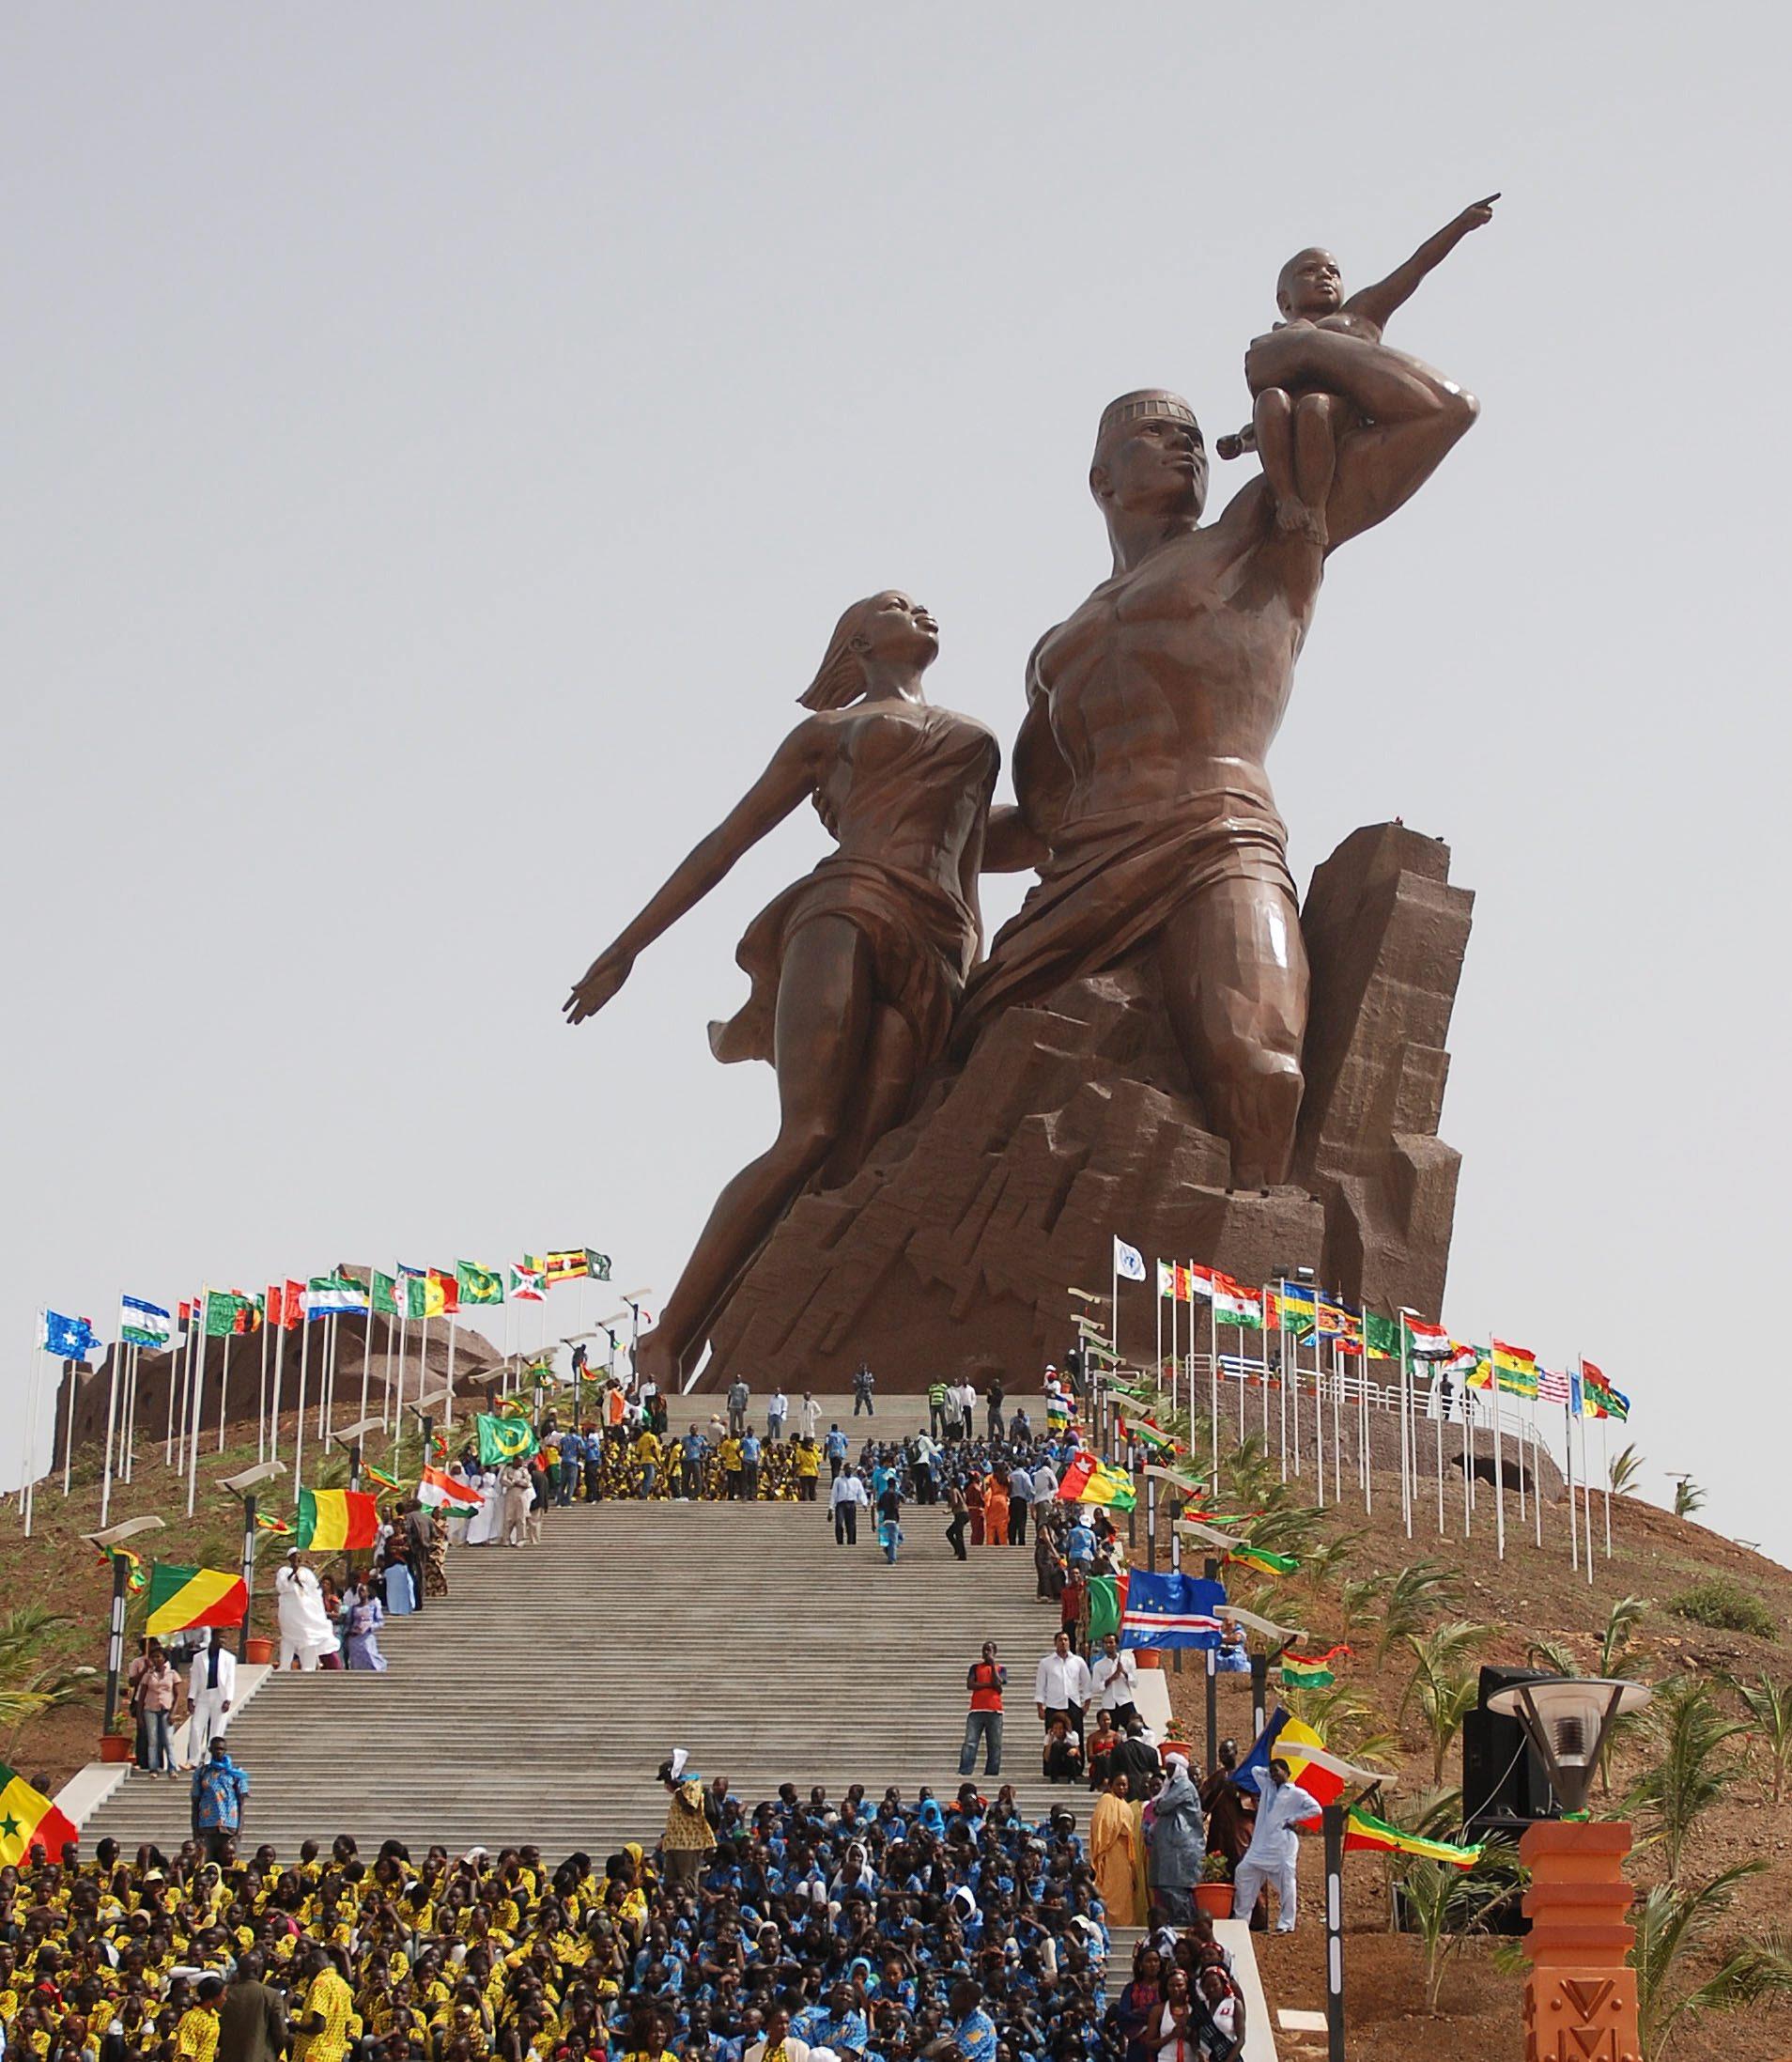 Senegal - Atracciones, Costos, Peligros y Rutas de Senegal